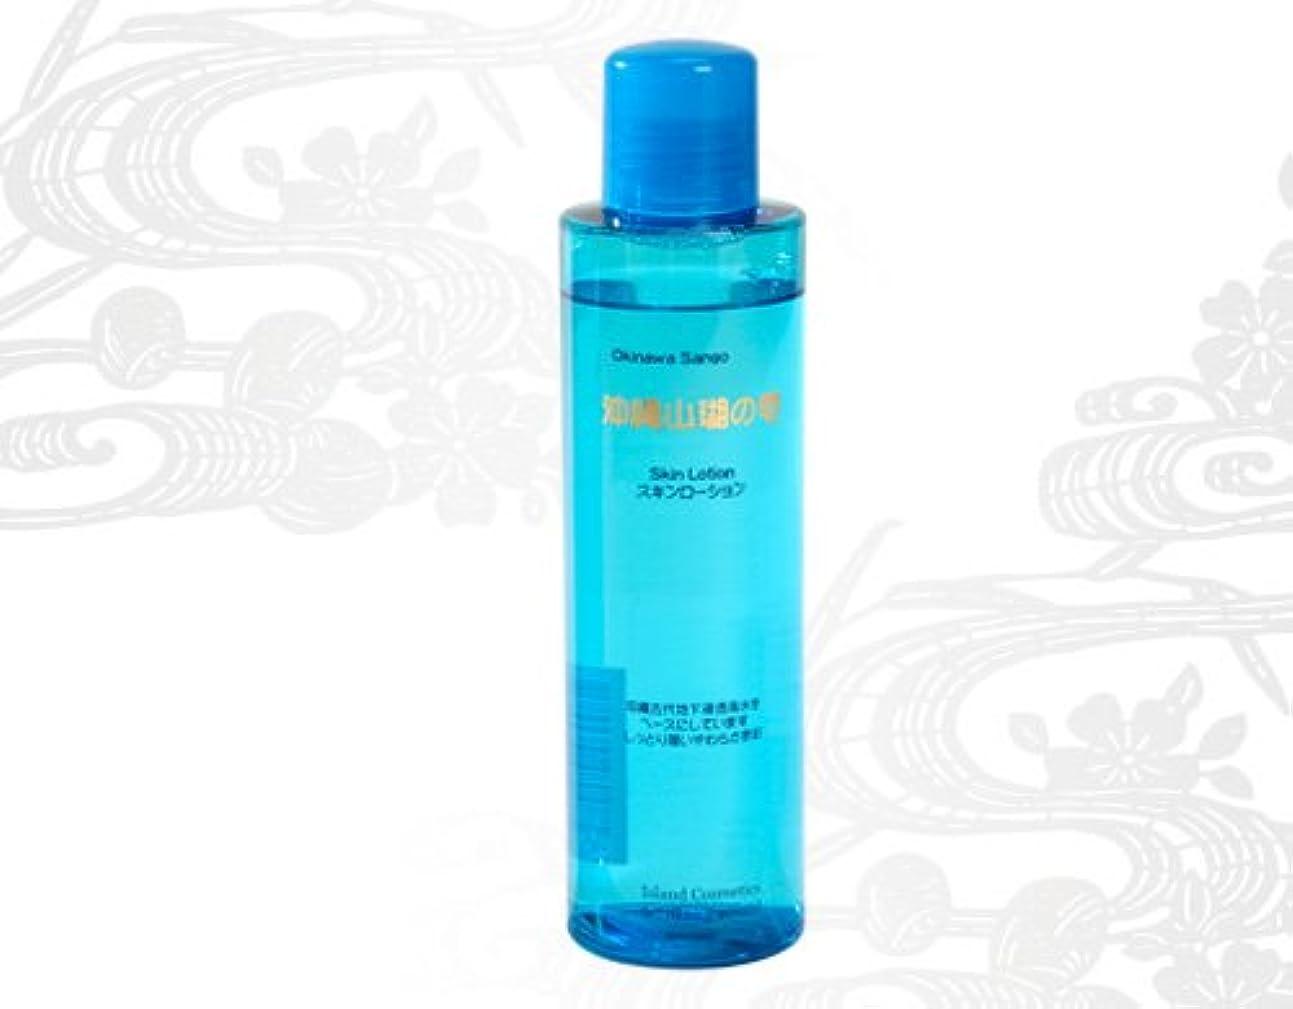 しかしながらジャンプ団結沖縄山瑚の雫 スキンローション 200ml×6本 アイランド ミネラル豊富な沖縄さんご水をベースにした全肌質向けの化粧水